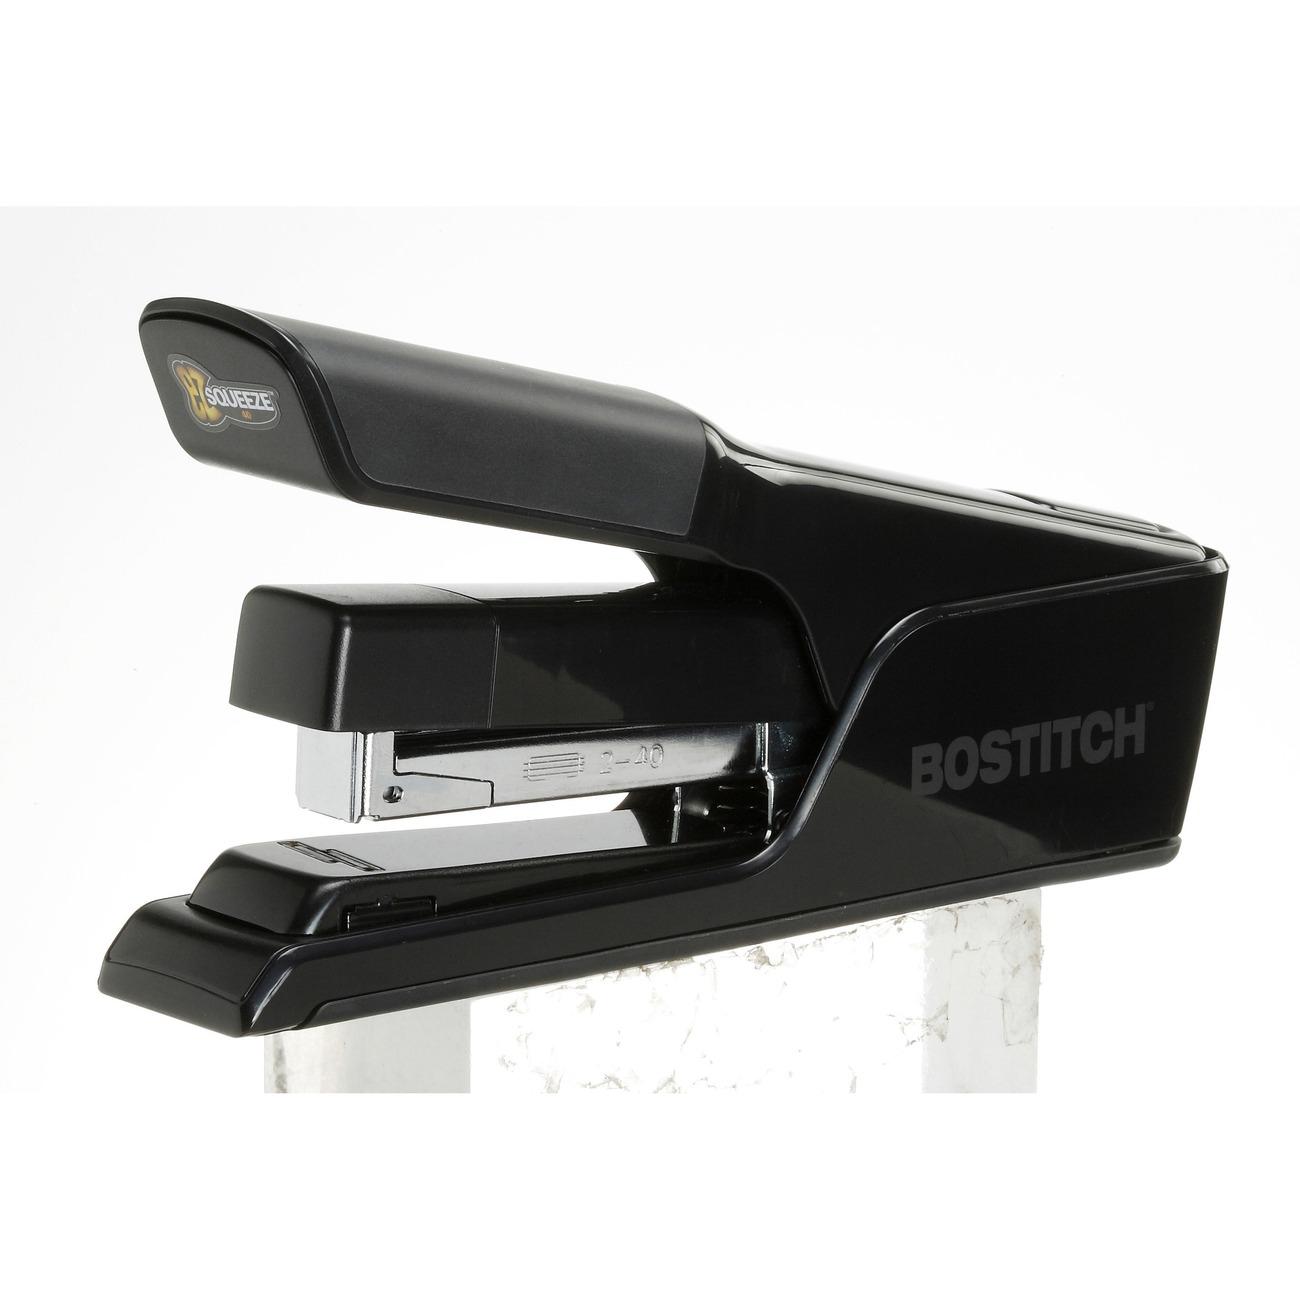 Swingline Standard Economy Stapler Pack Full Strip 15-Sheet Capacity Black 54551